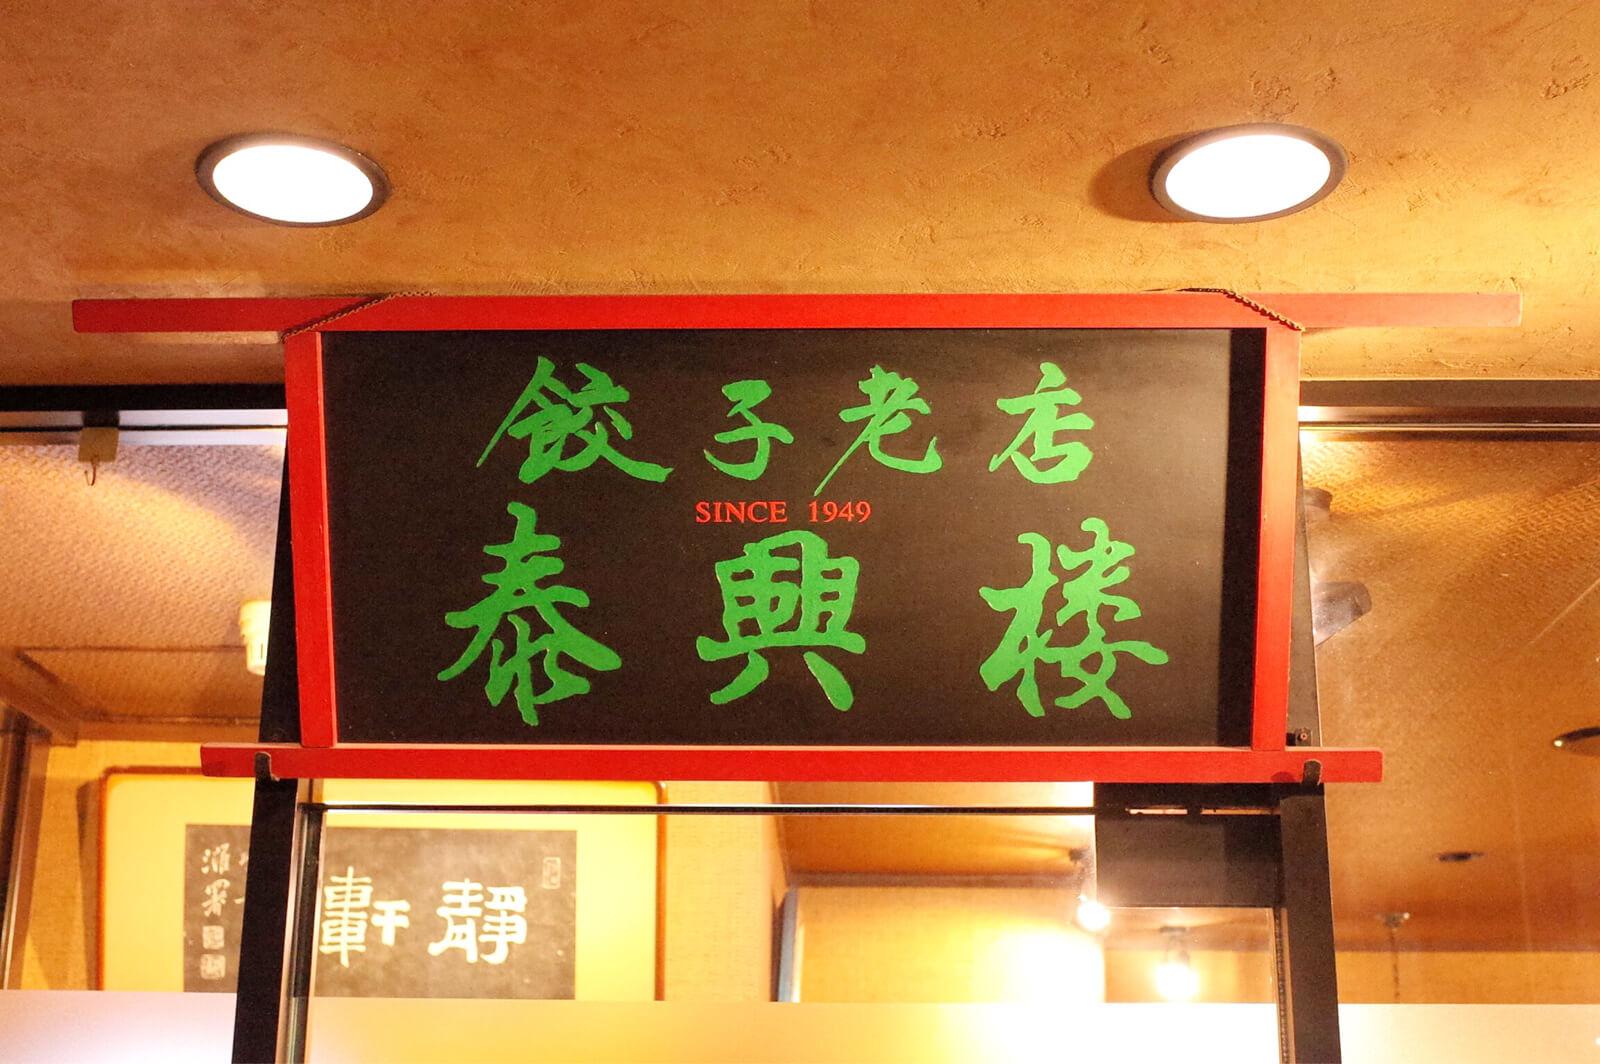 秦興楼 八重洲 ジャンボ餃子 東京駅 看板